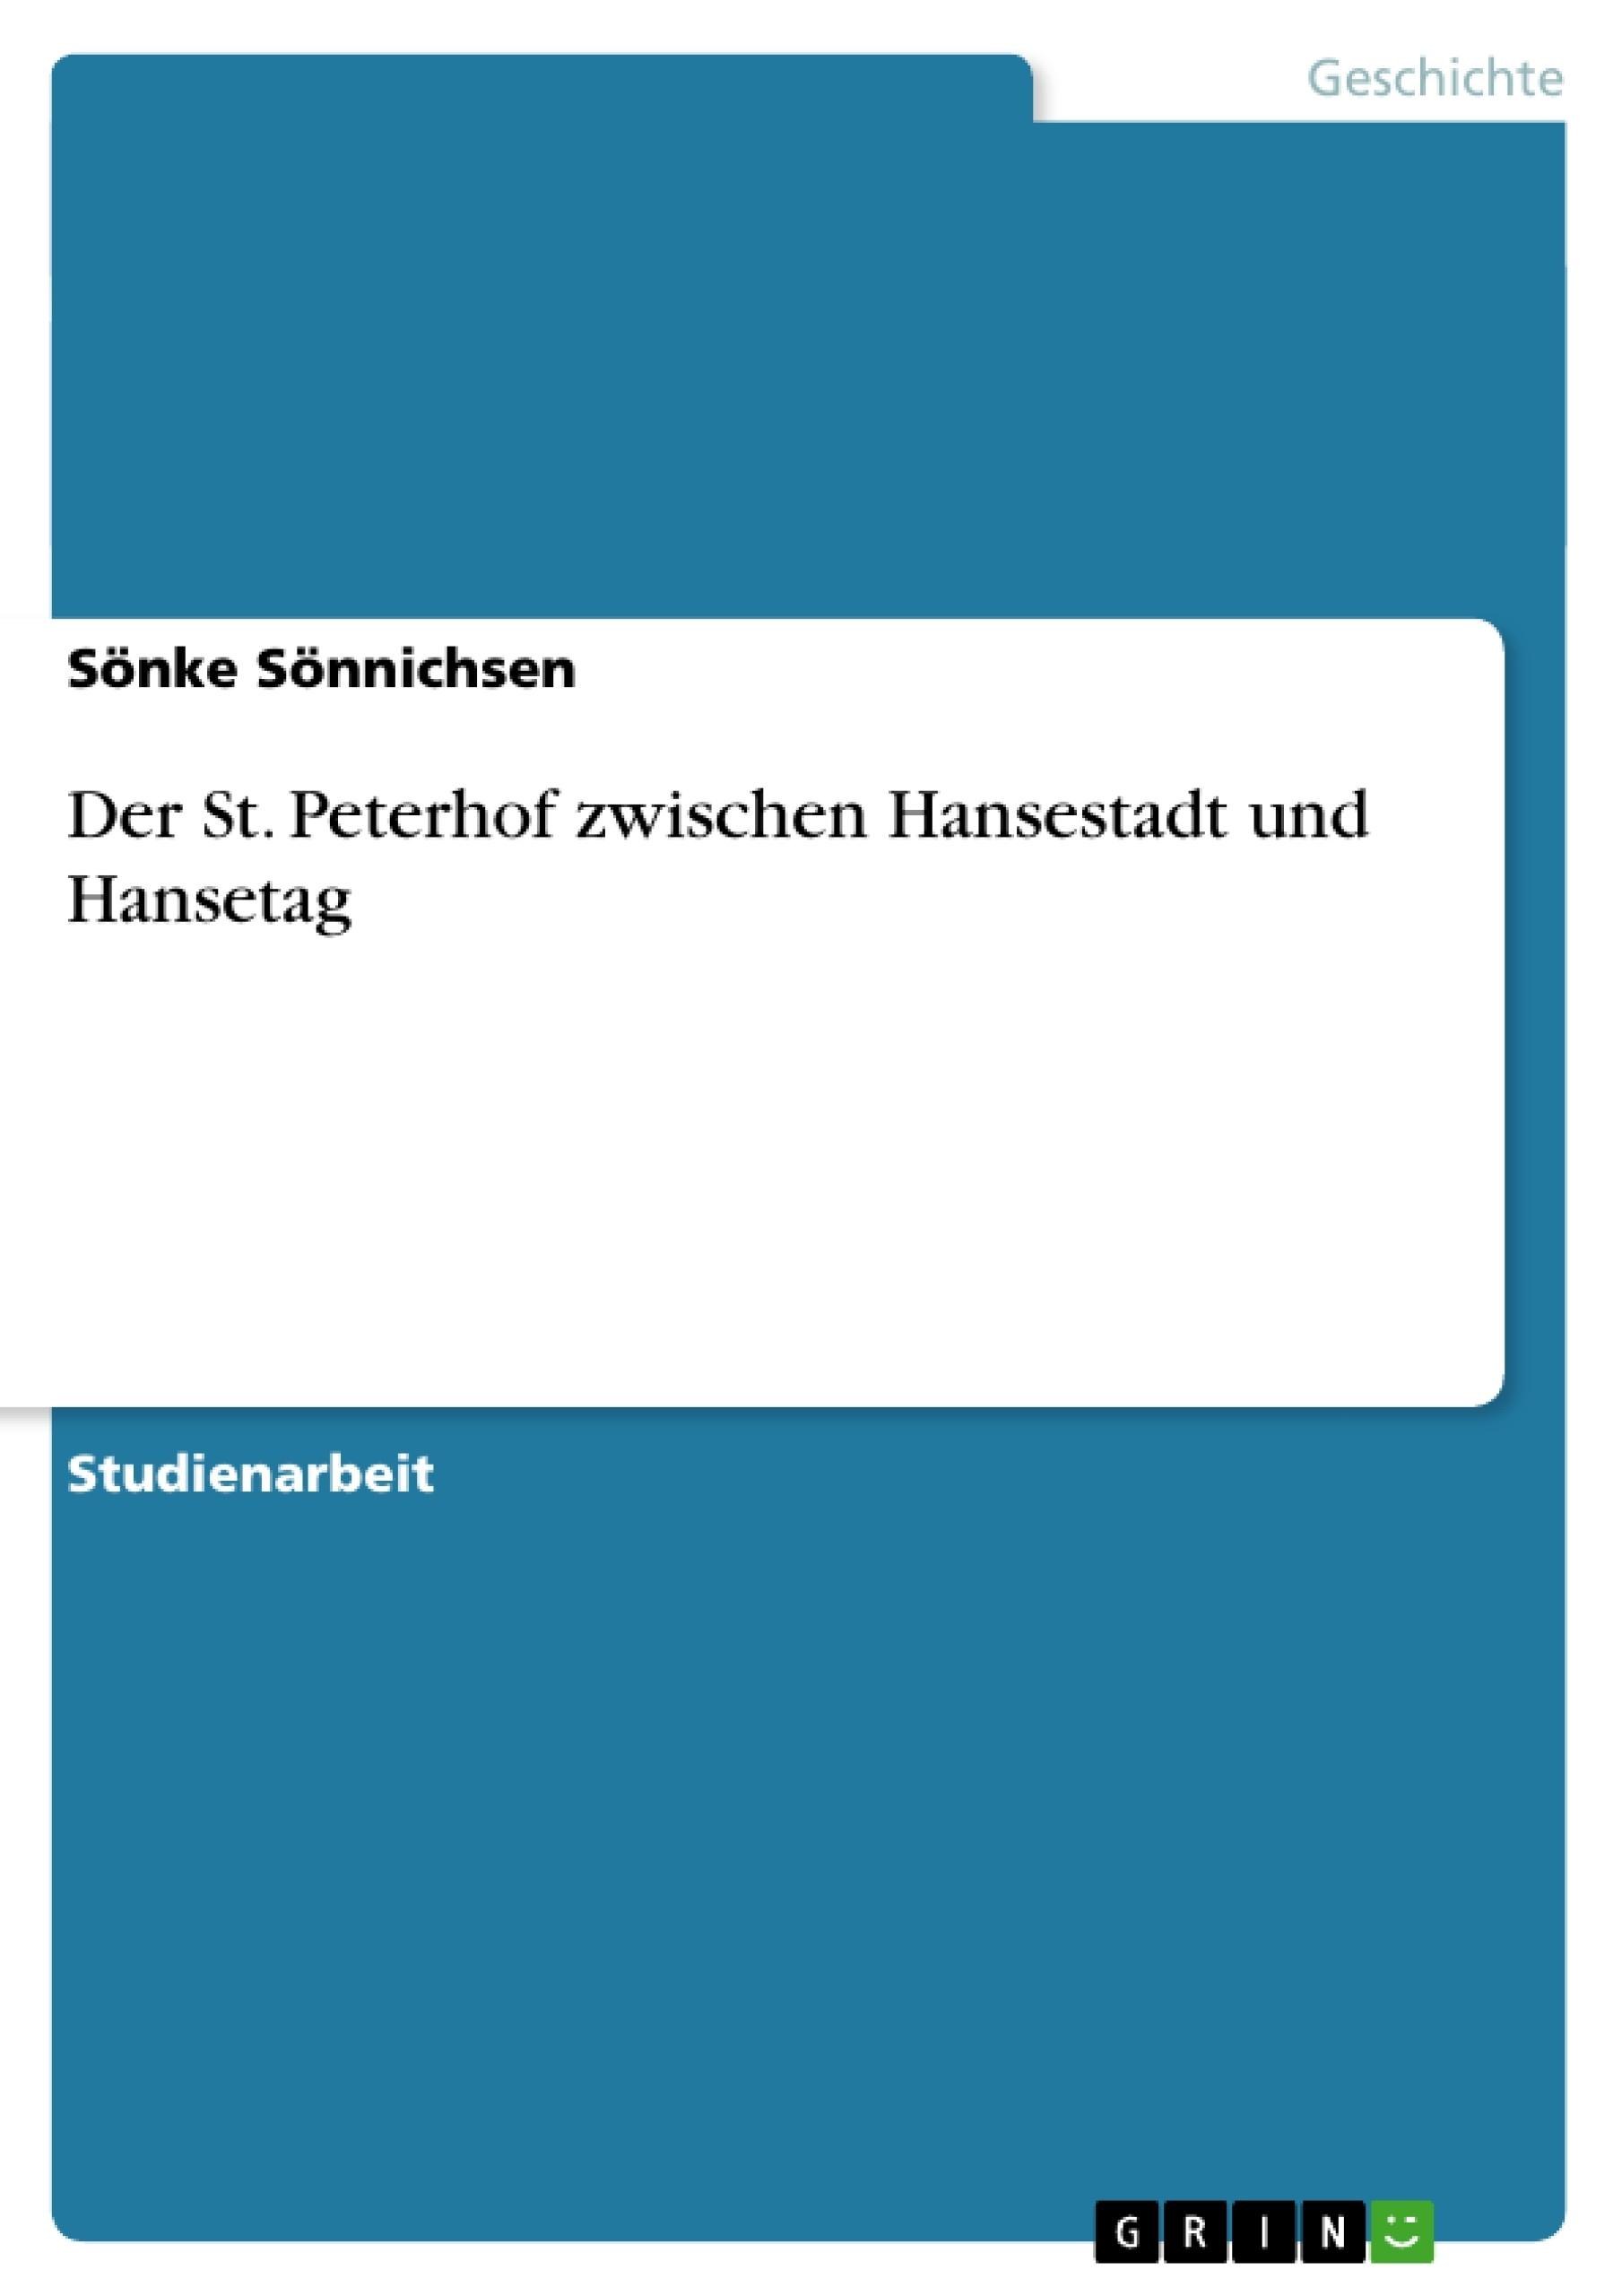 Titel: Der St. Peterhof zwischen Hansestadt und Hansetag